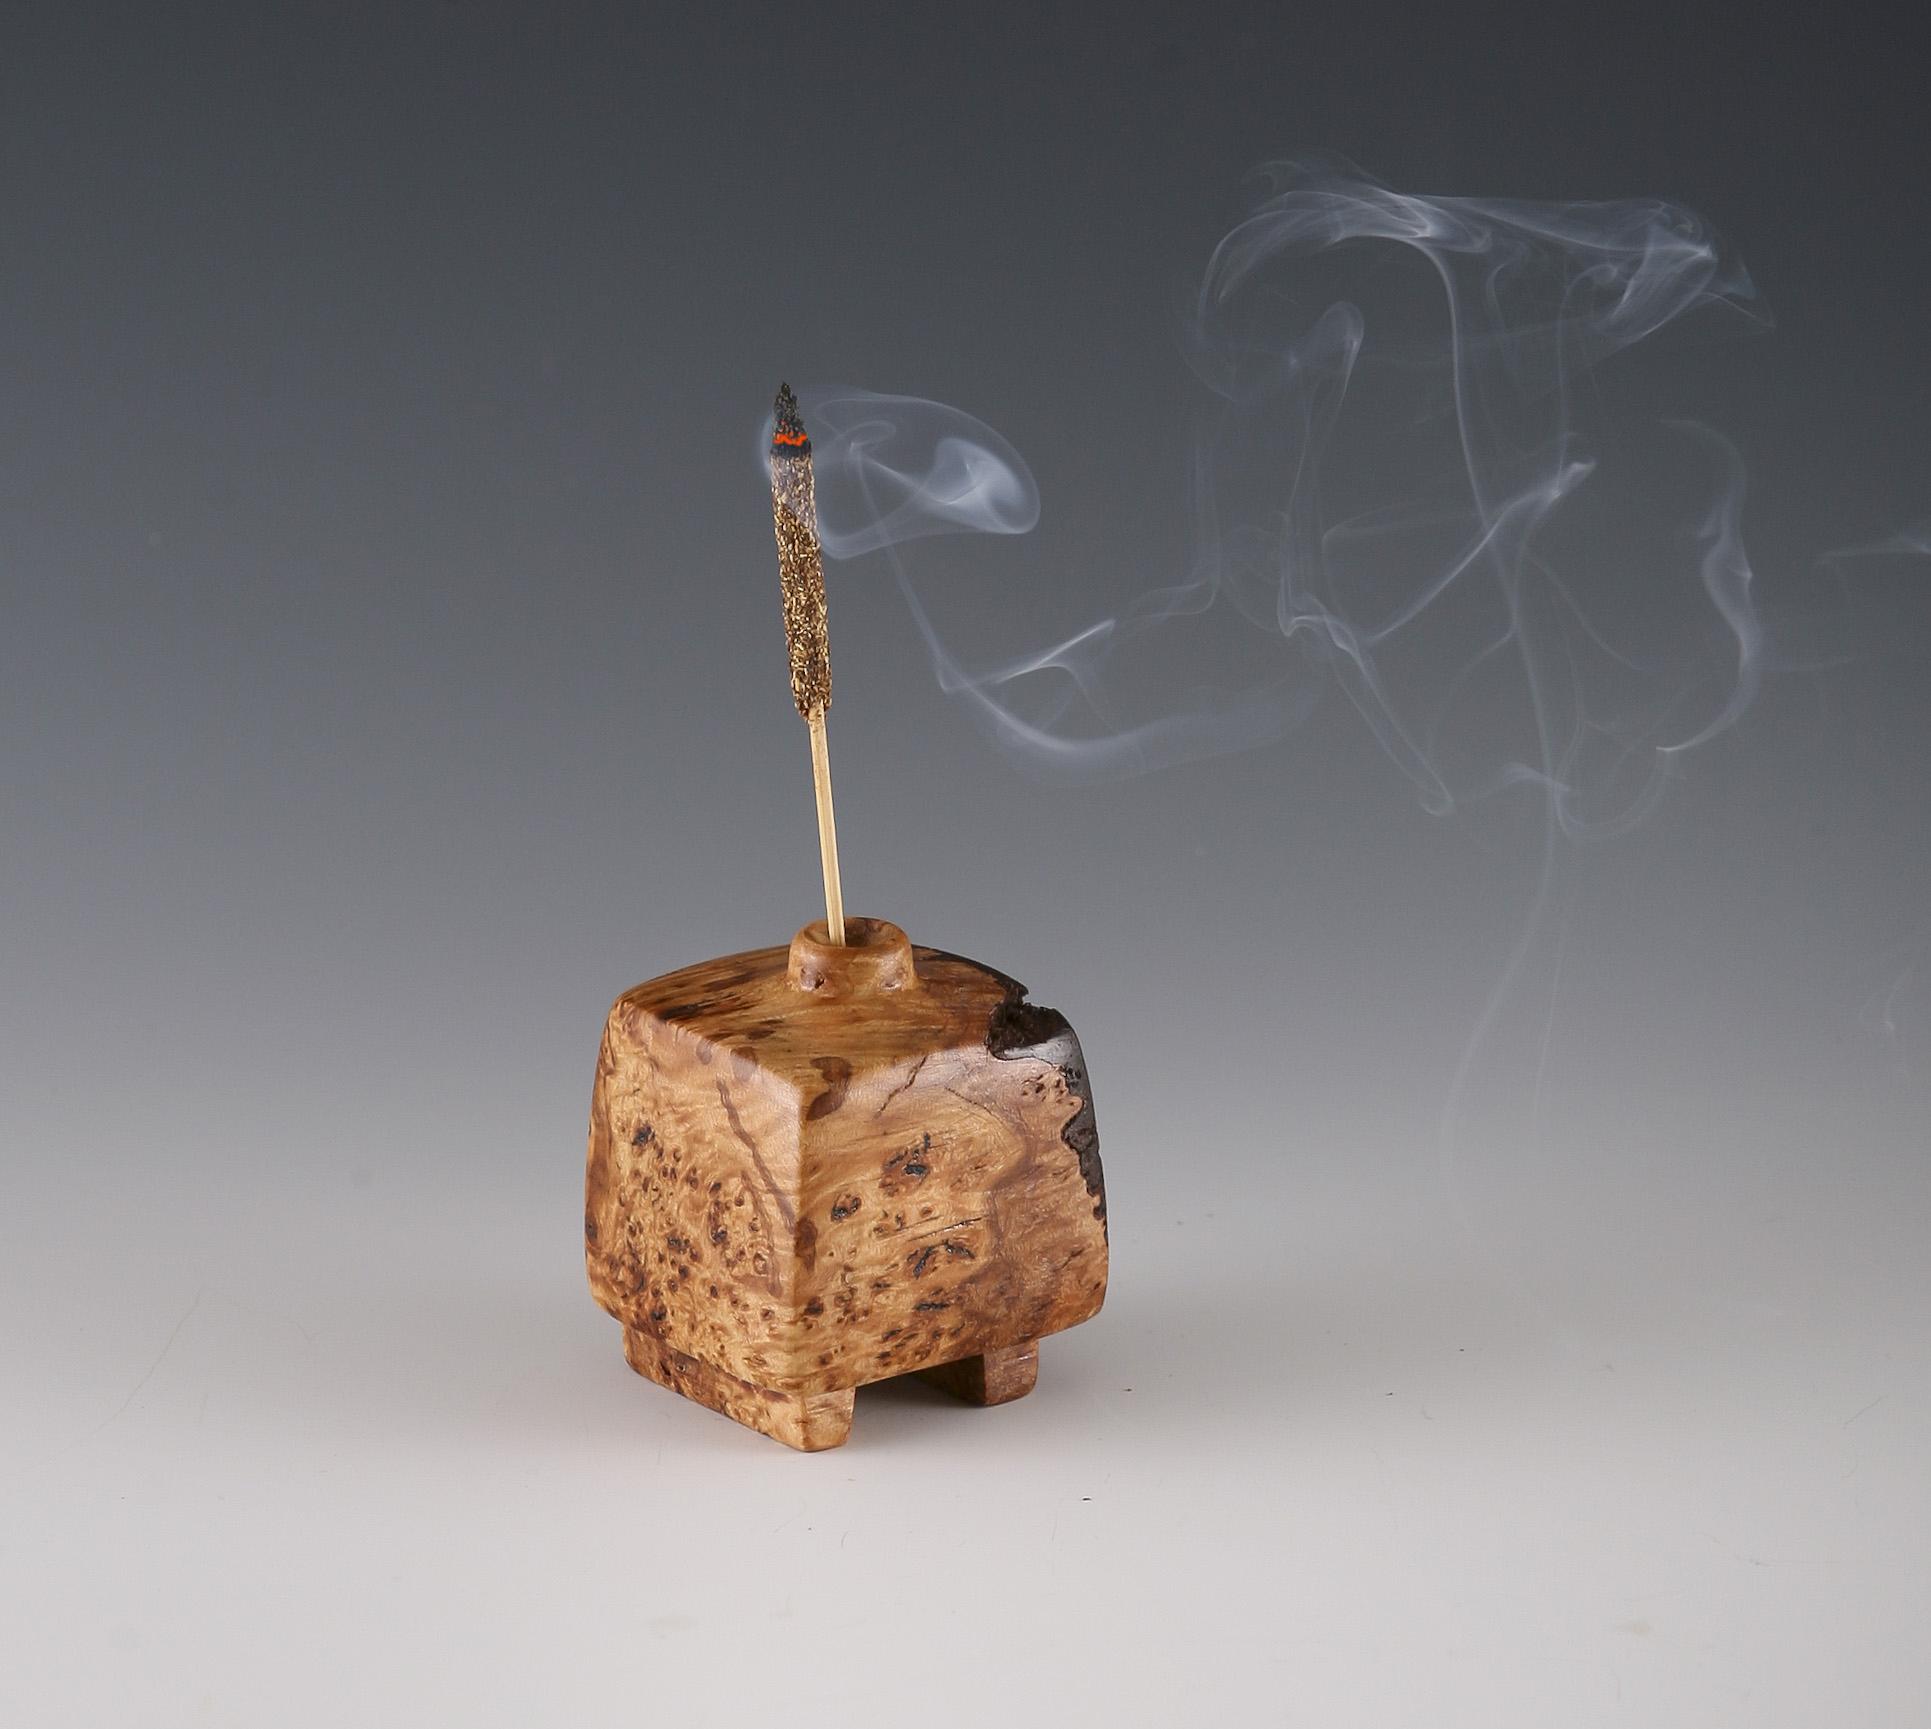 Wooden incense holder / Weedpot vase